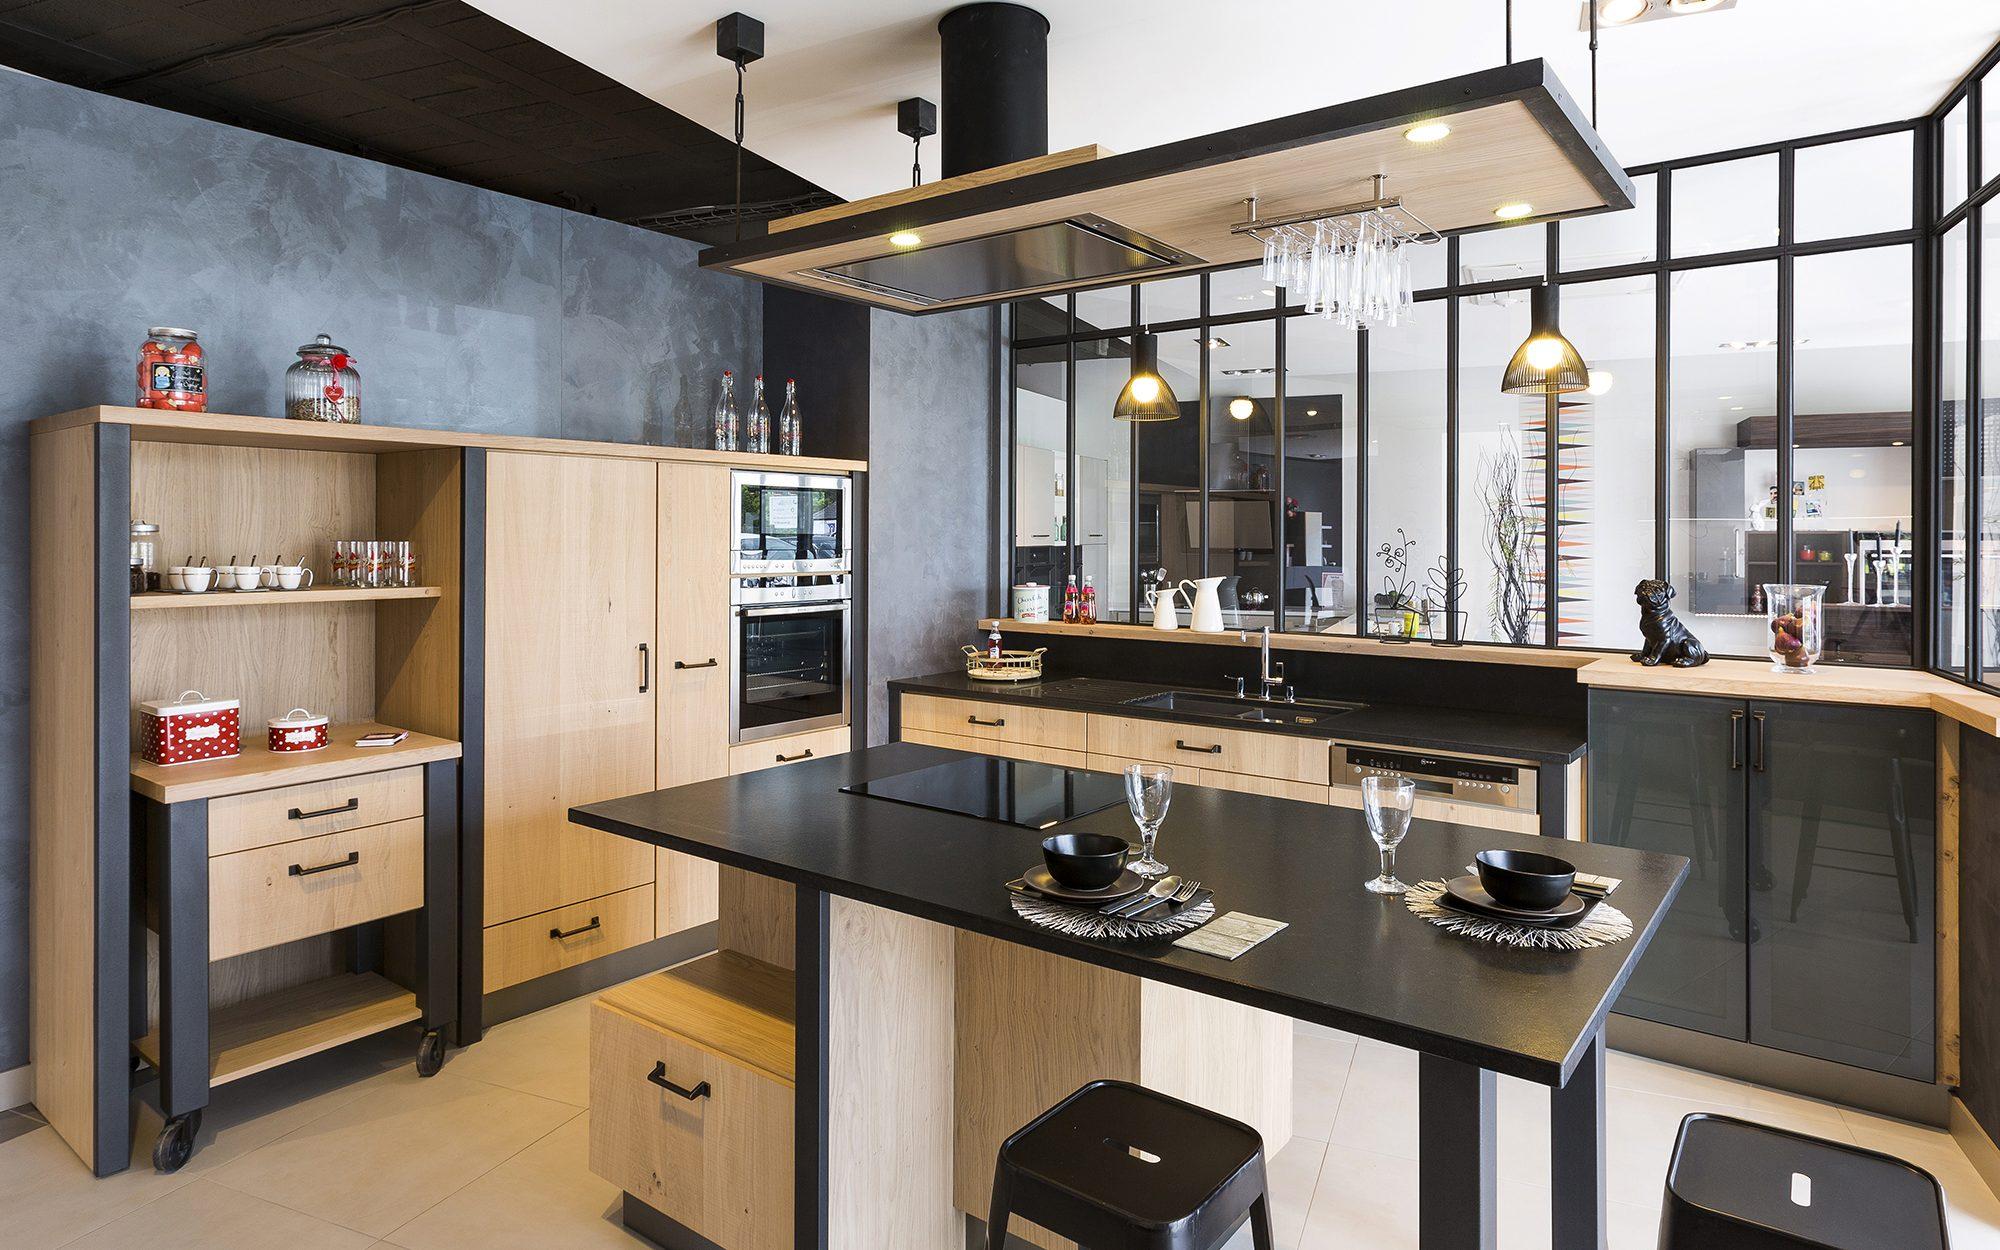 Cr ations gravouille cuisines salles de bains bureaux for Cuisine stormer kuchen